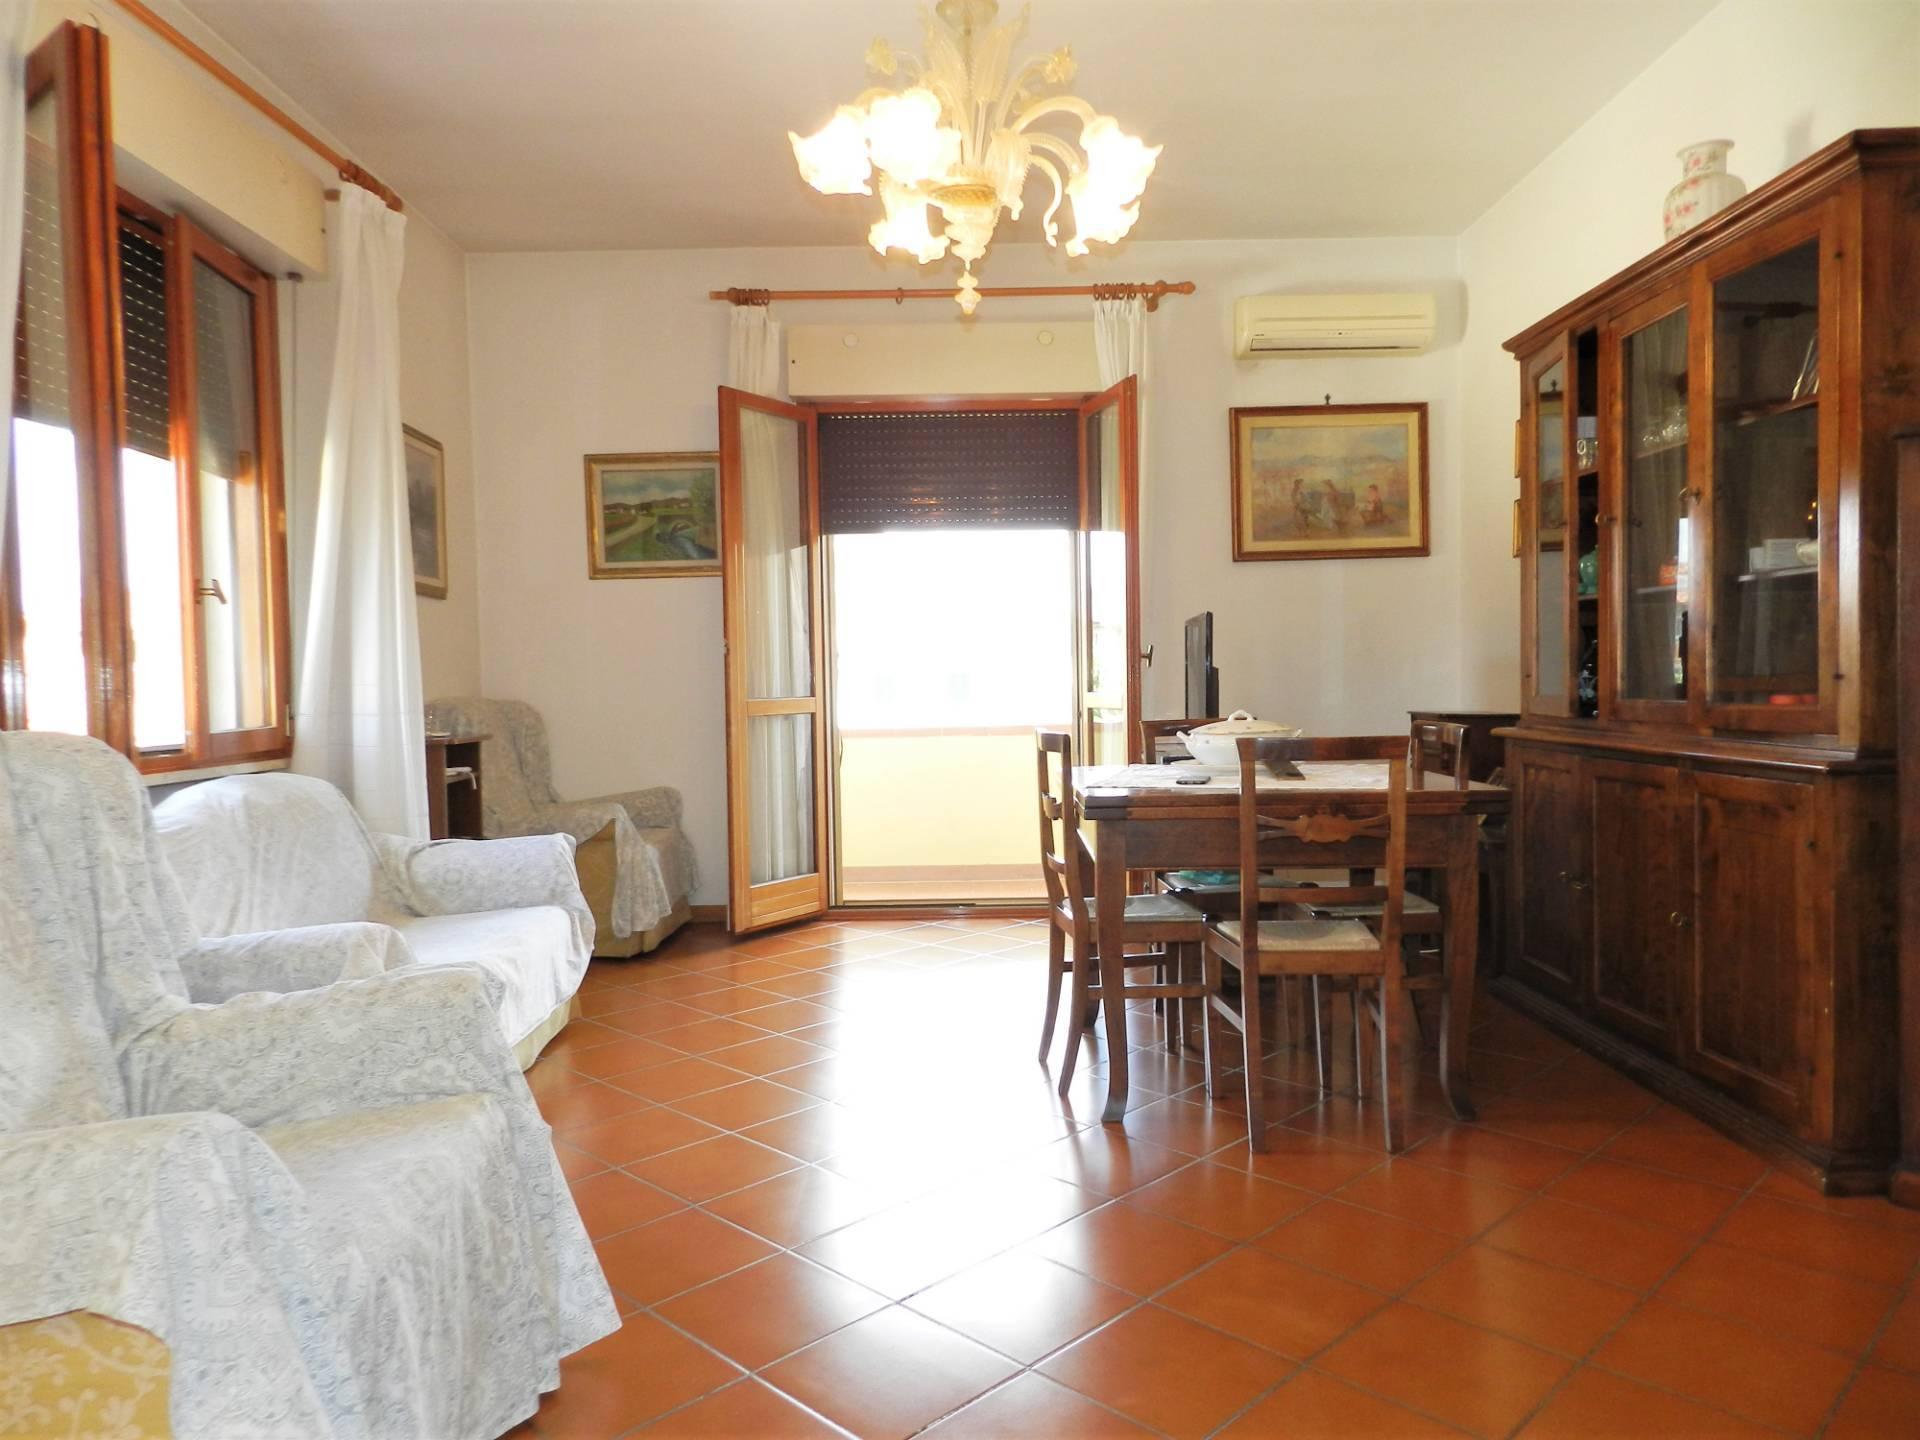 Appartamento in vendita a Capannori, 3 locali, zona Località: Verciano, prezzo € 115.000 | PortaleAgenzieImmobiliari.it